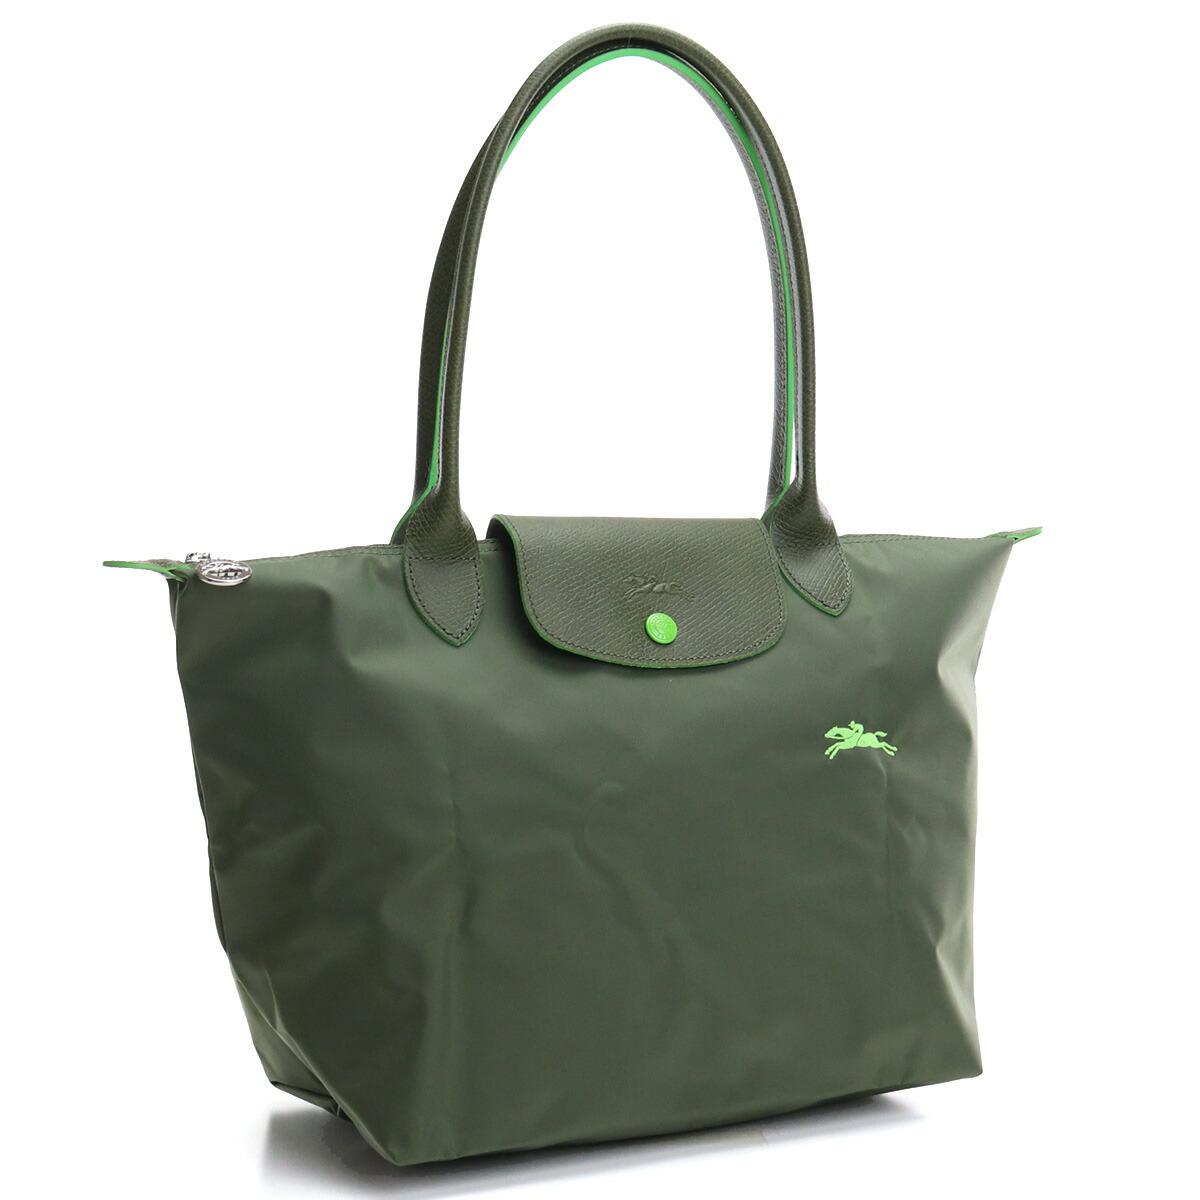 ロンシャン LONGCHAMP PLIAGE トートバッグ ブランドバッグ 2605 619 549 ル・プリアージュ クラブ LE PLIAGE CLUB グリーン系 bag-01 colo-01